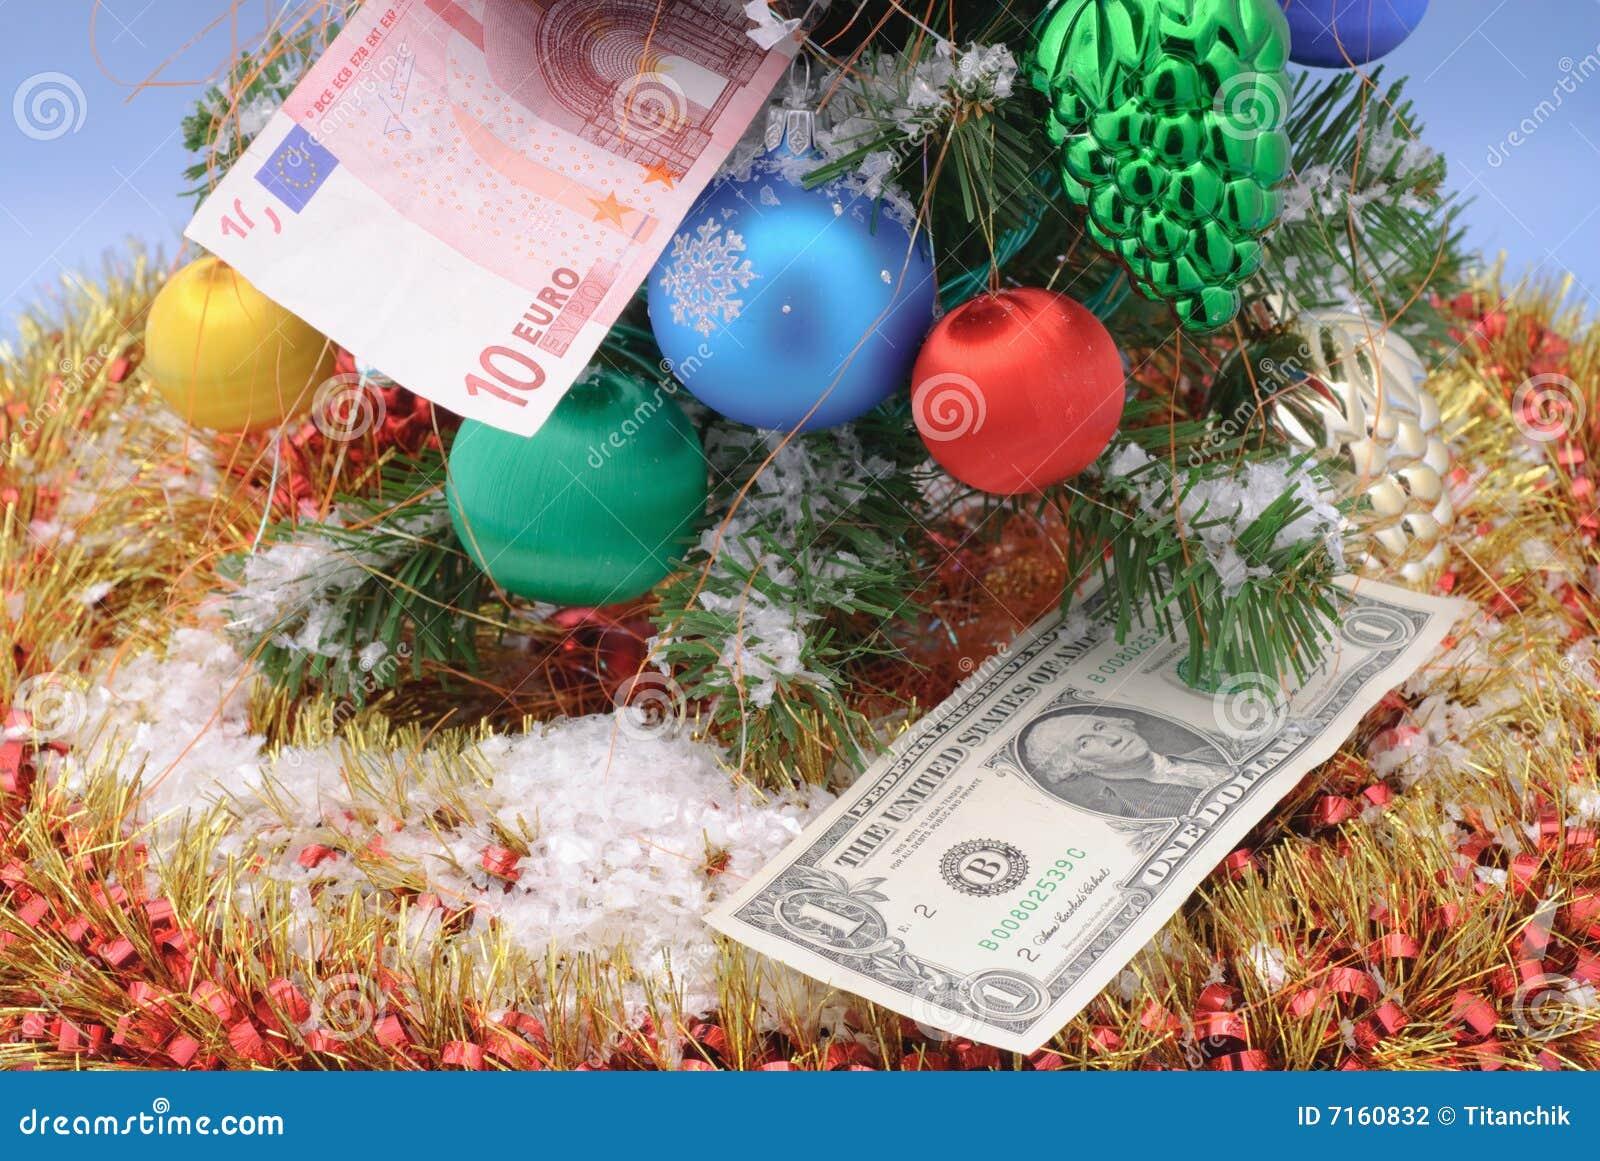 De decoratie en het geld van kerstmis stock fotografie afbeelding 7160832 - Decoratie van de villas ...